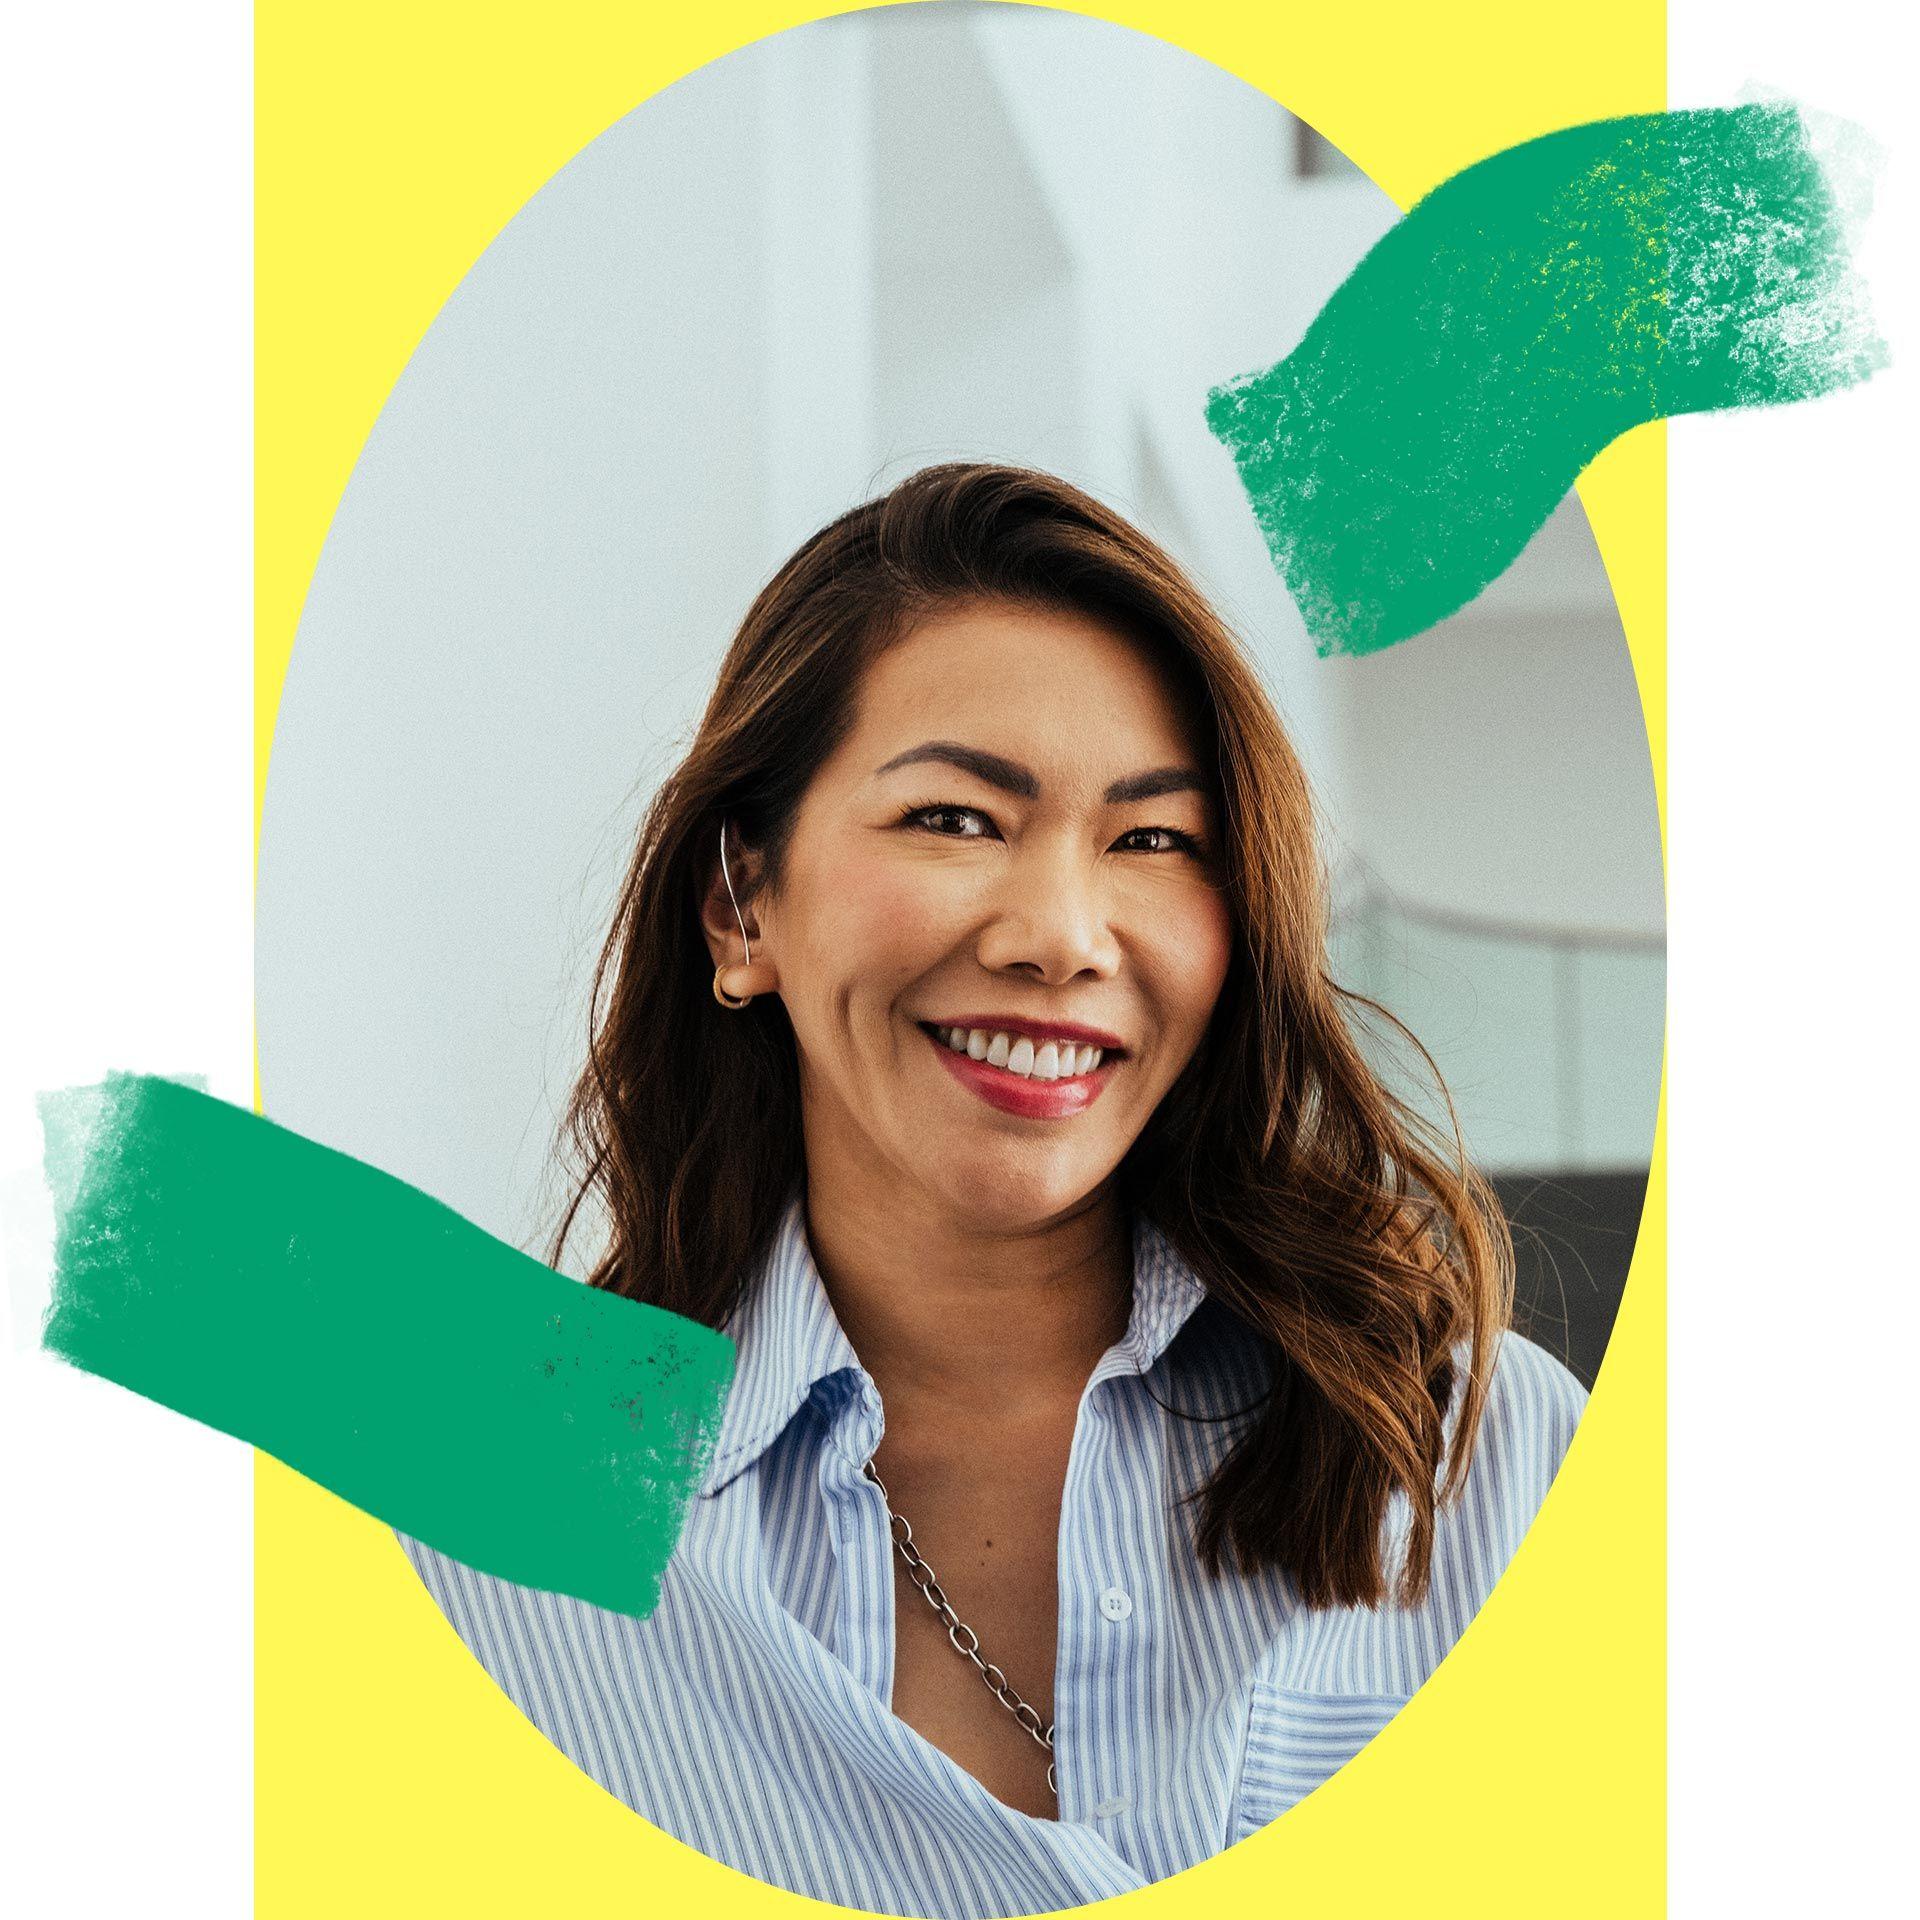 Alyssia Yip Hoy, donatrice à la Fondation du Musée des beaux-arts de Montréal depuis 2014 et membre du comité exécutif du Cercle Forces Femmes depuis 2018.